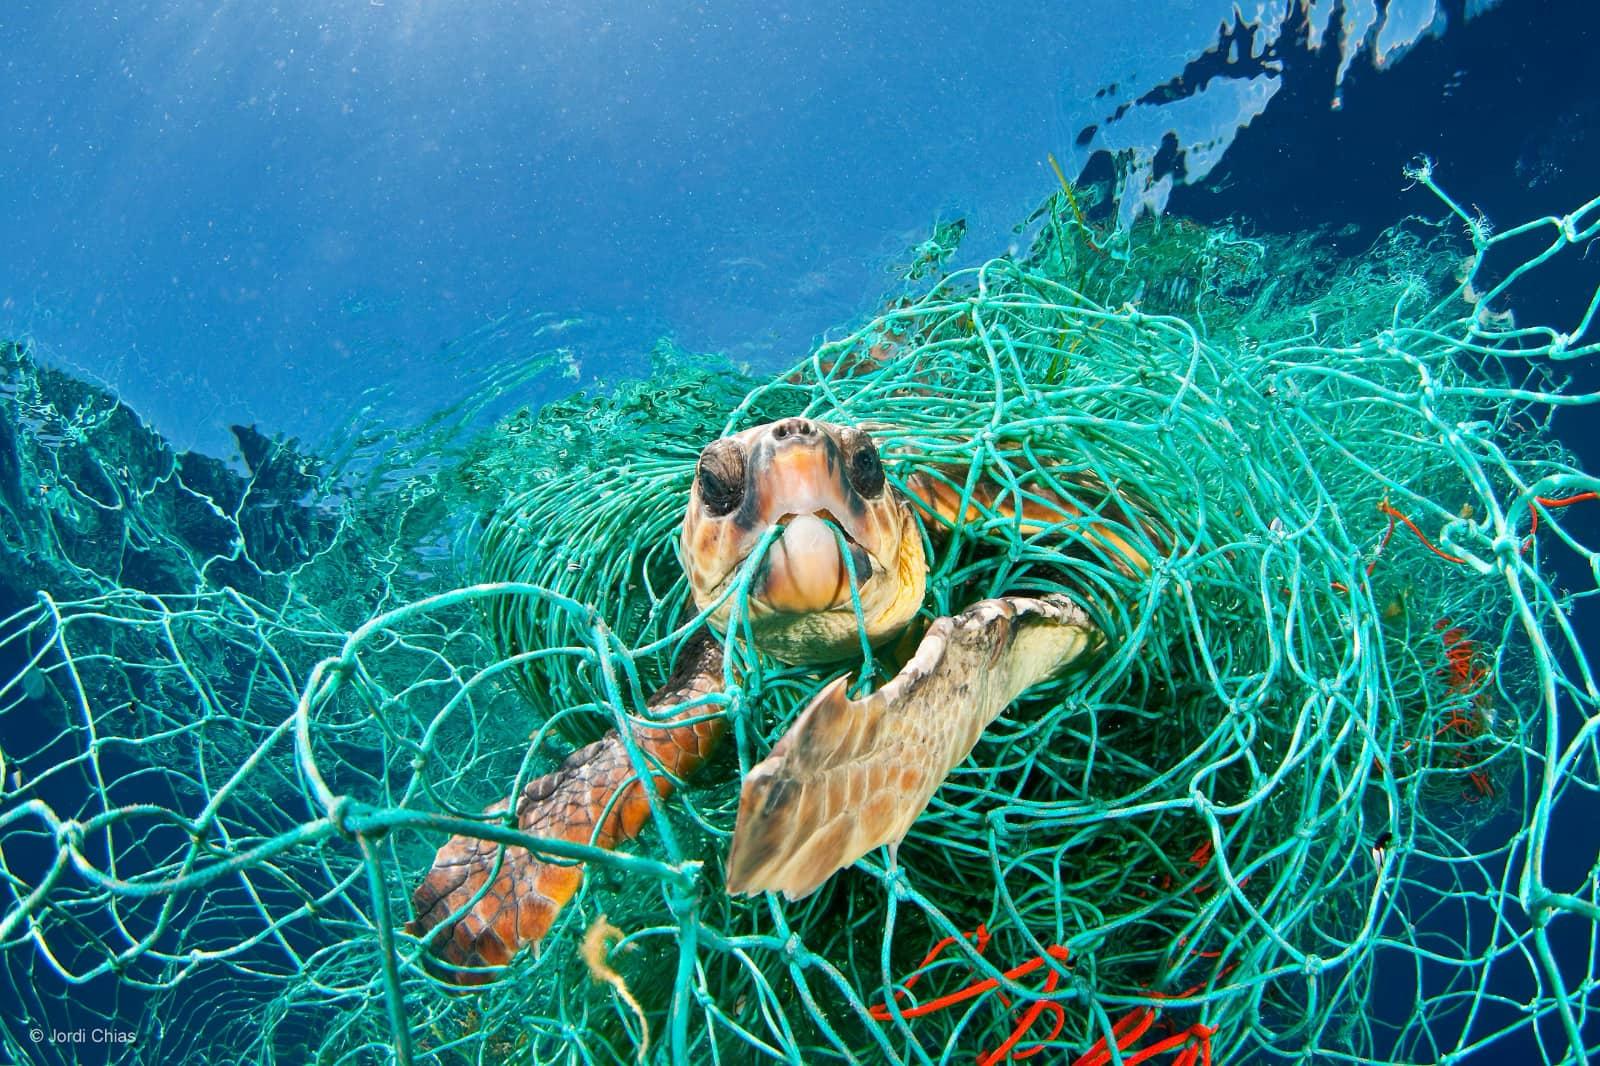 Schildpad vast in net op bodem zee, foto van Jordi Chias